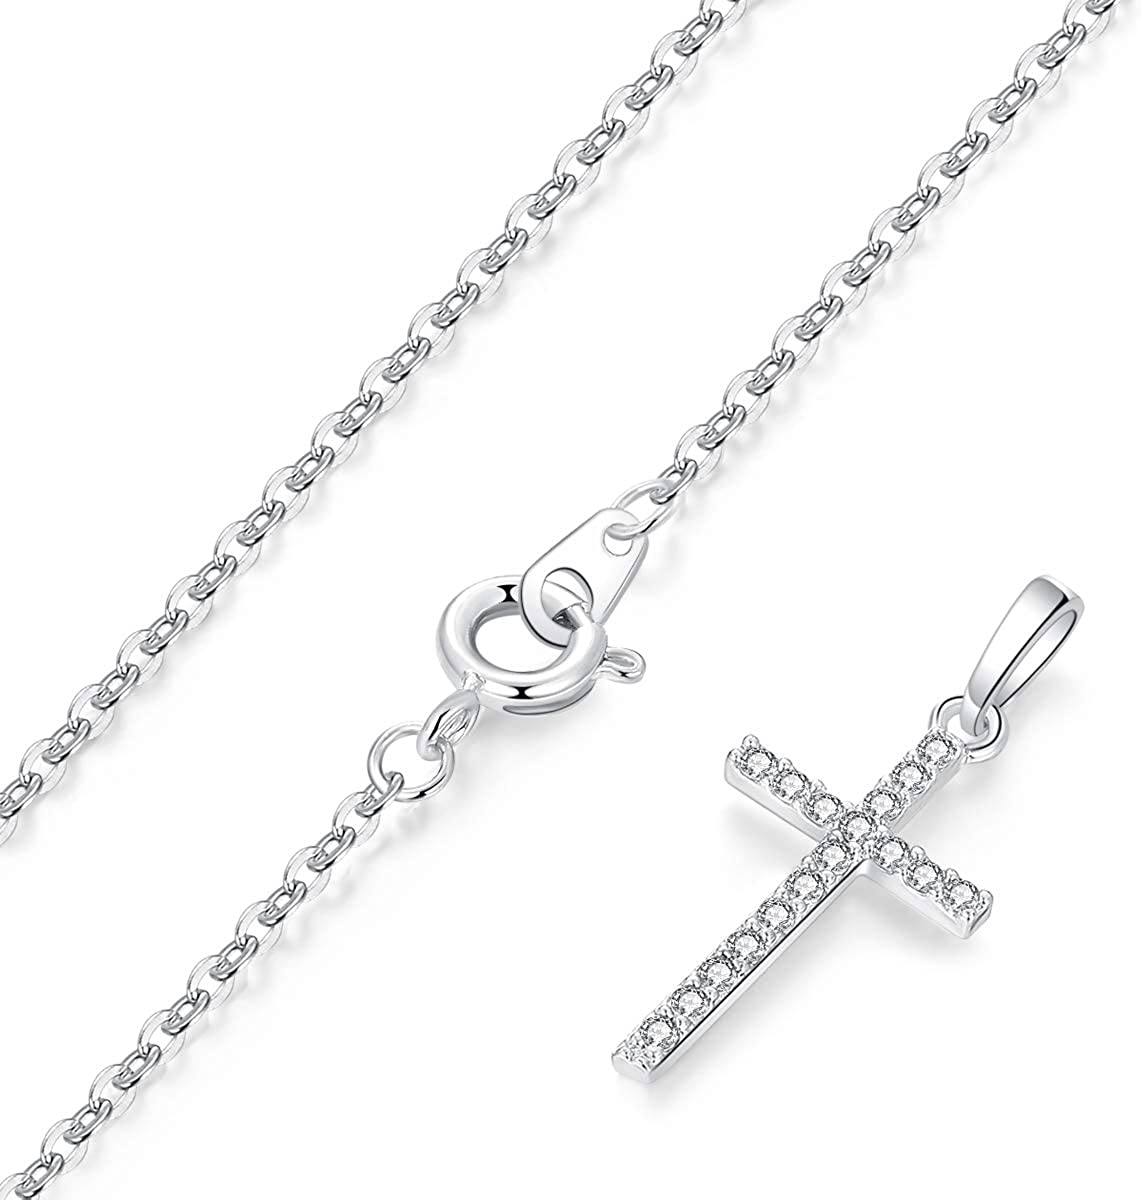 HOFOUND Damen Cross Kette Zirkonia im Kreuz Anh/änger Halskette Kettenanh/änger f/ür Frauen M/ädchen